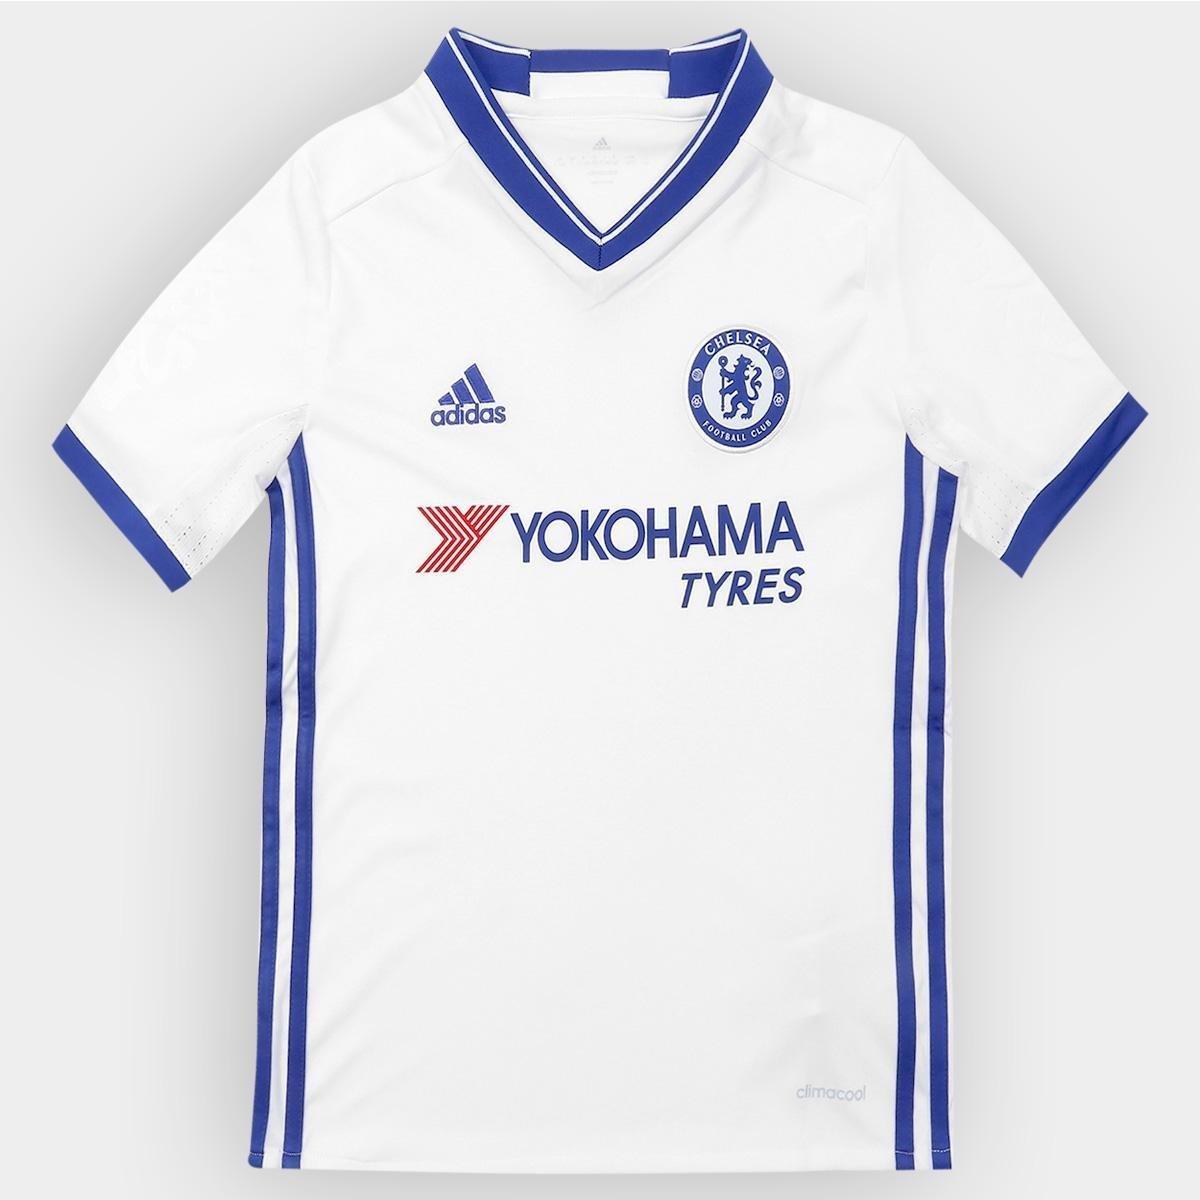 1e04b9a62f377 Camisa Chelsea Infantil Third 16 17 s nº - Torcedor Adidas - Compre Agora